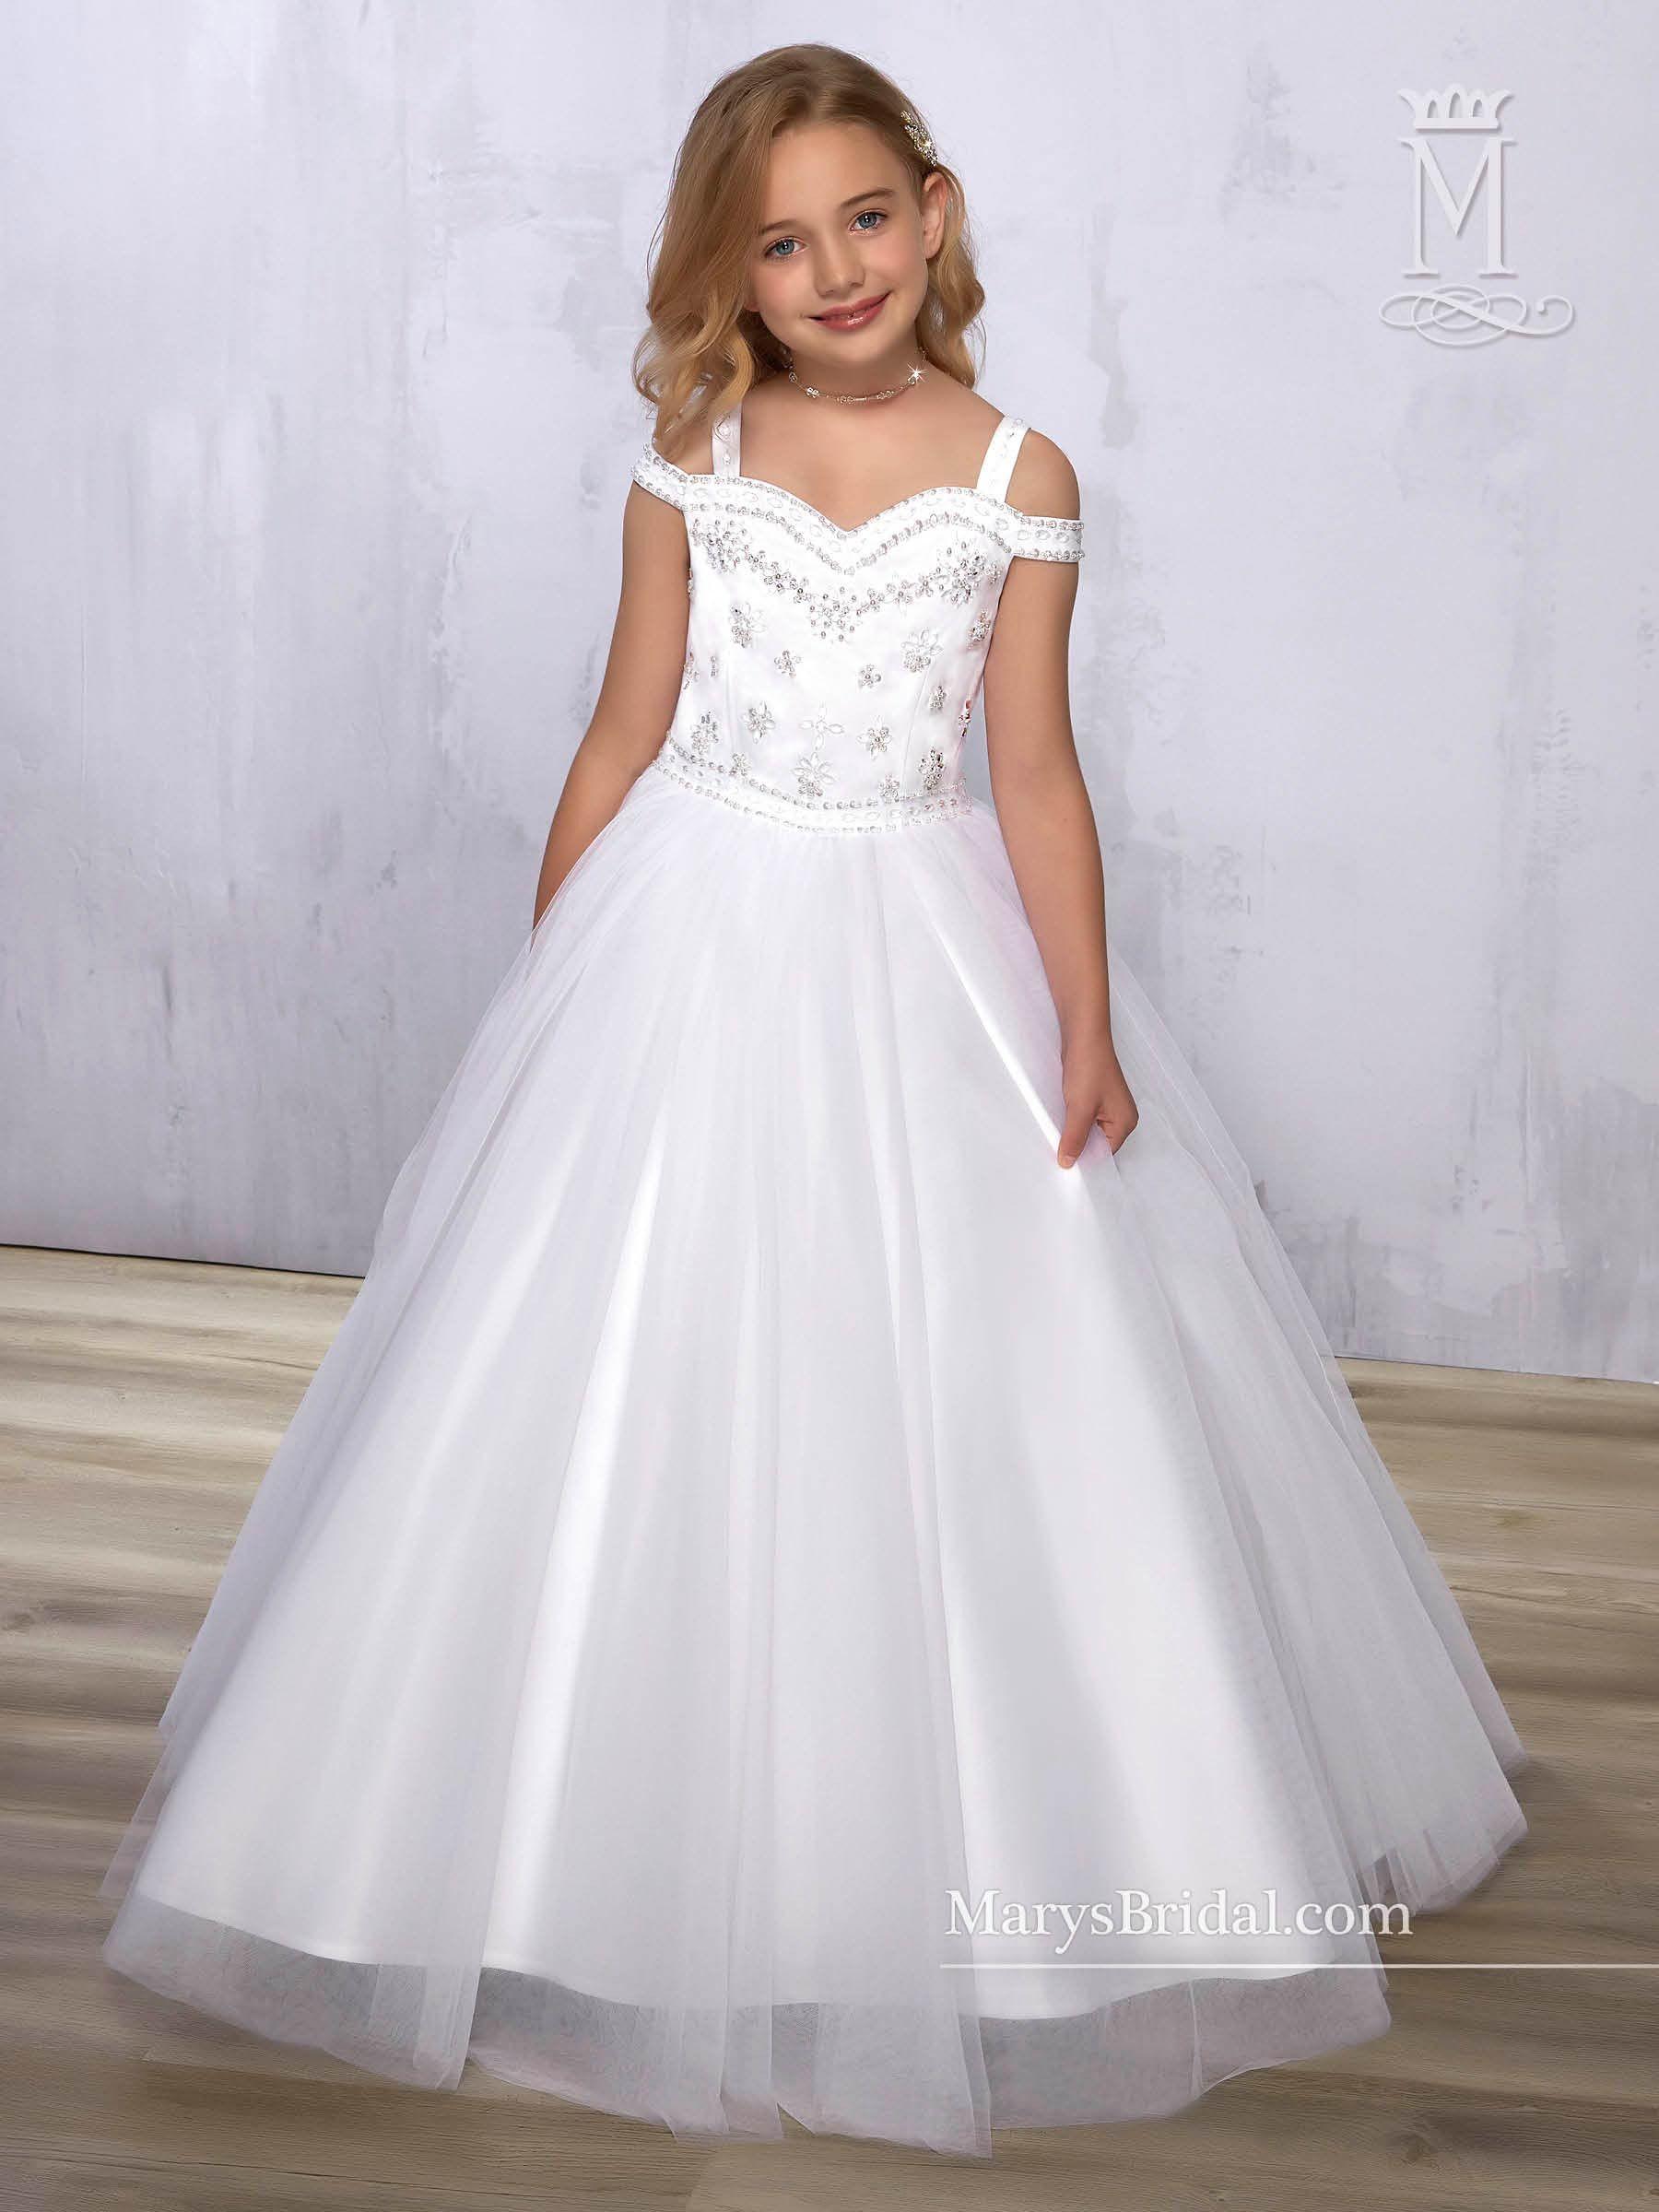 8398277d9af Cold Shoulder Flower Girl Dress by Mary s Bridal Cupids F572 ...